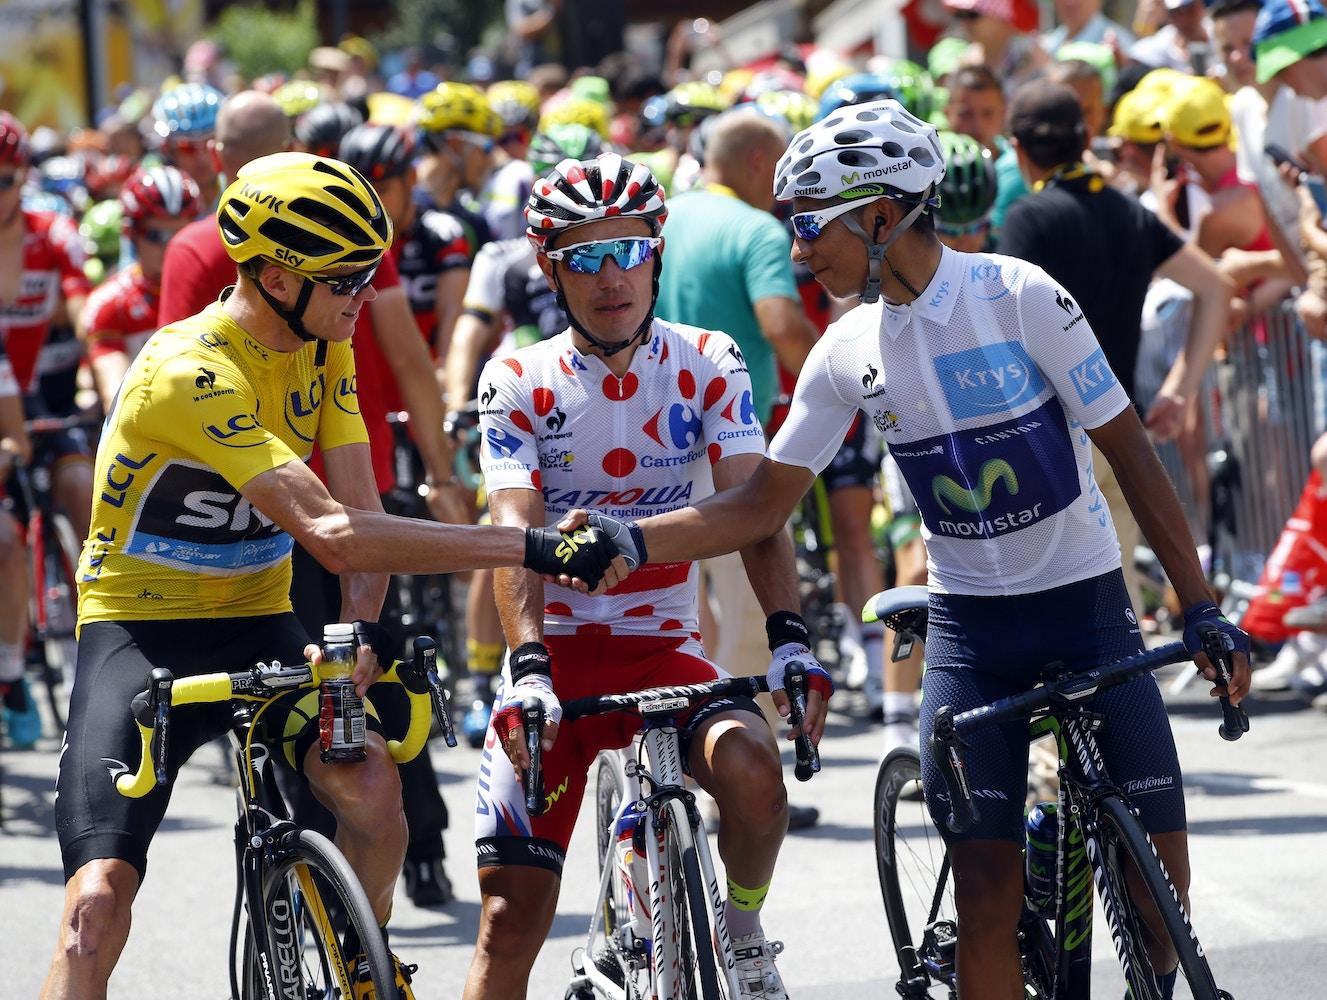 Tour de France 2015 - it's a Wrap